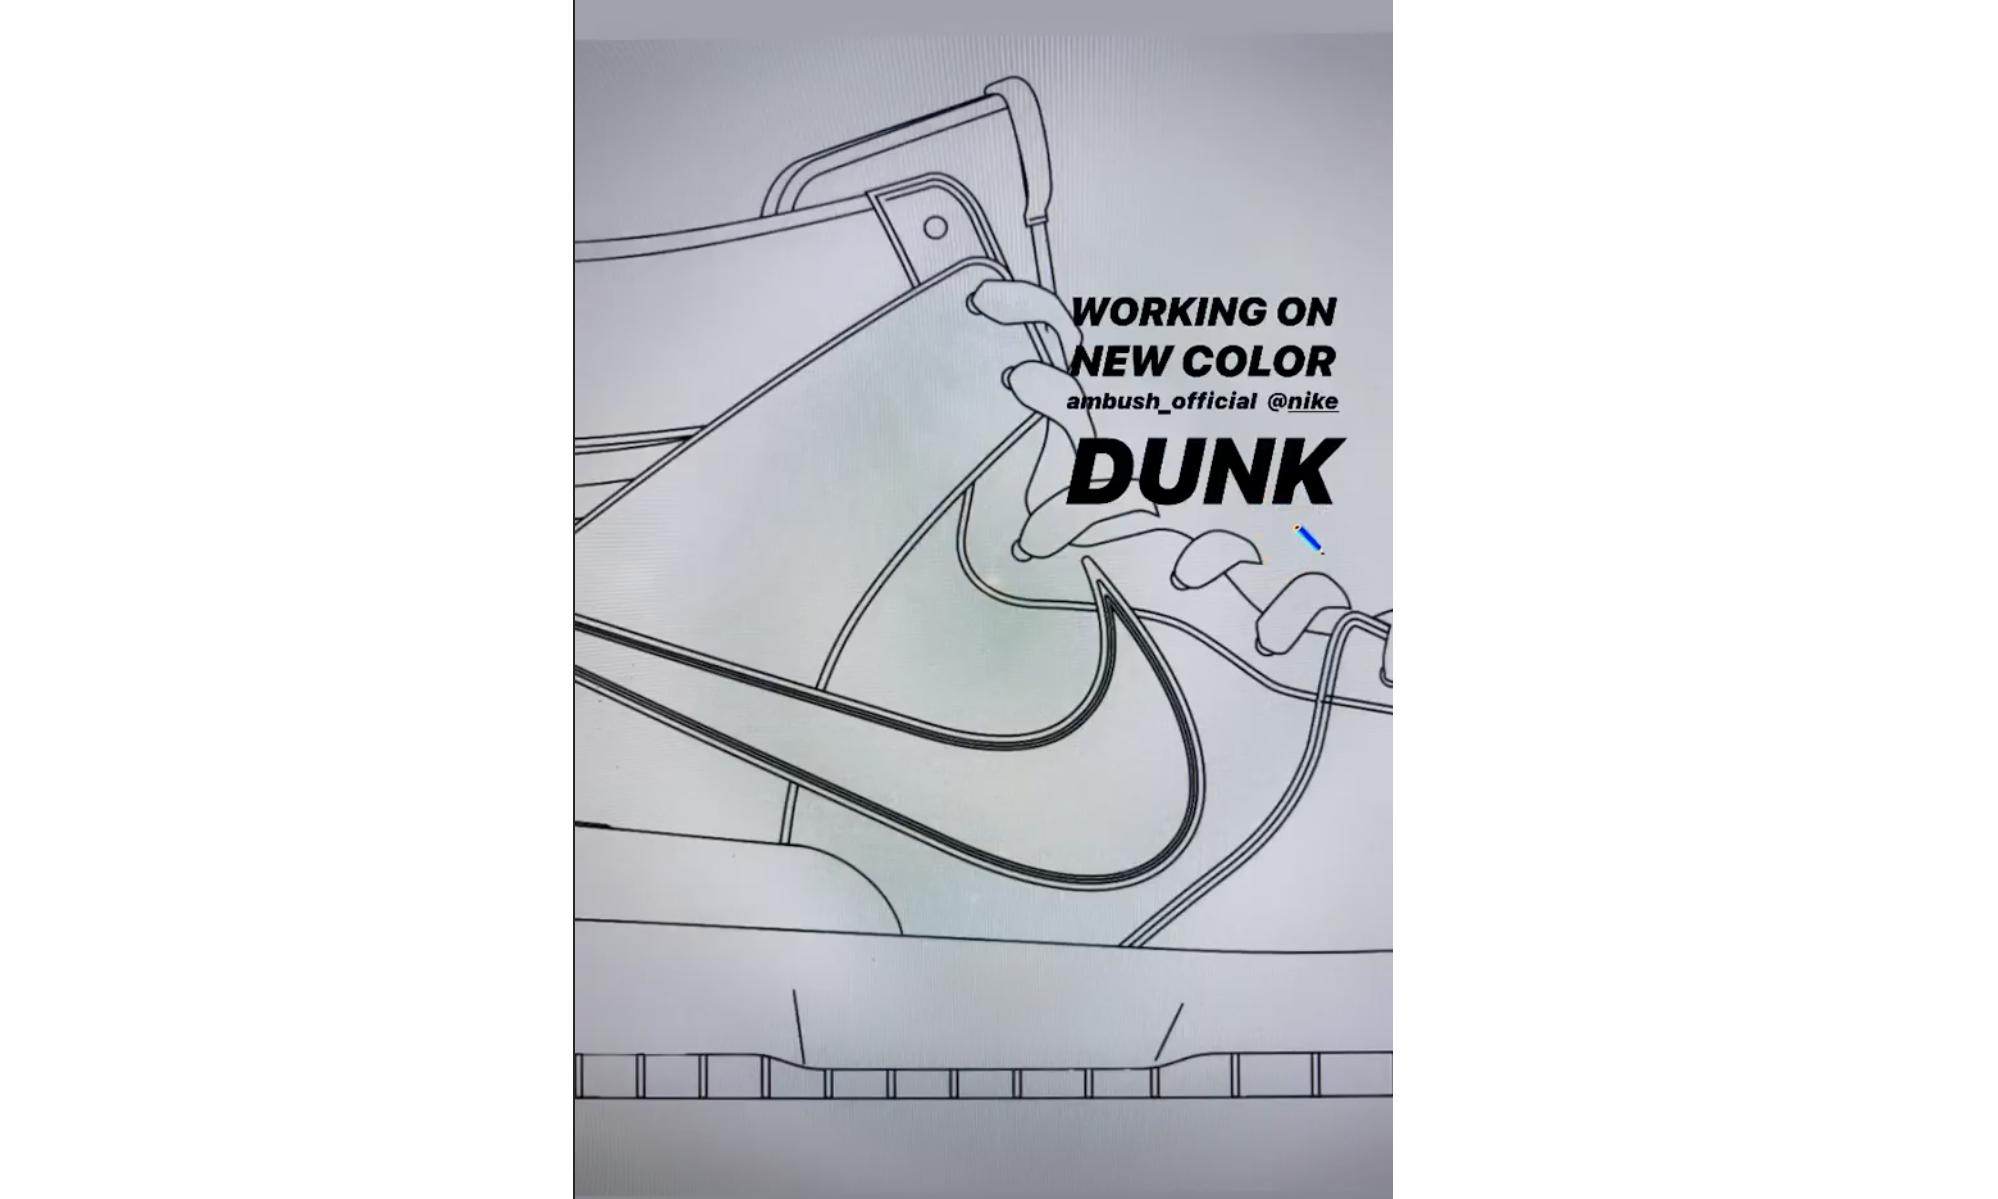 AMBUSH 主理人透露,正在设计 Dunk 联名新配色